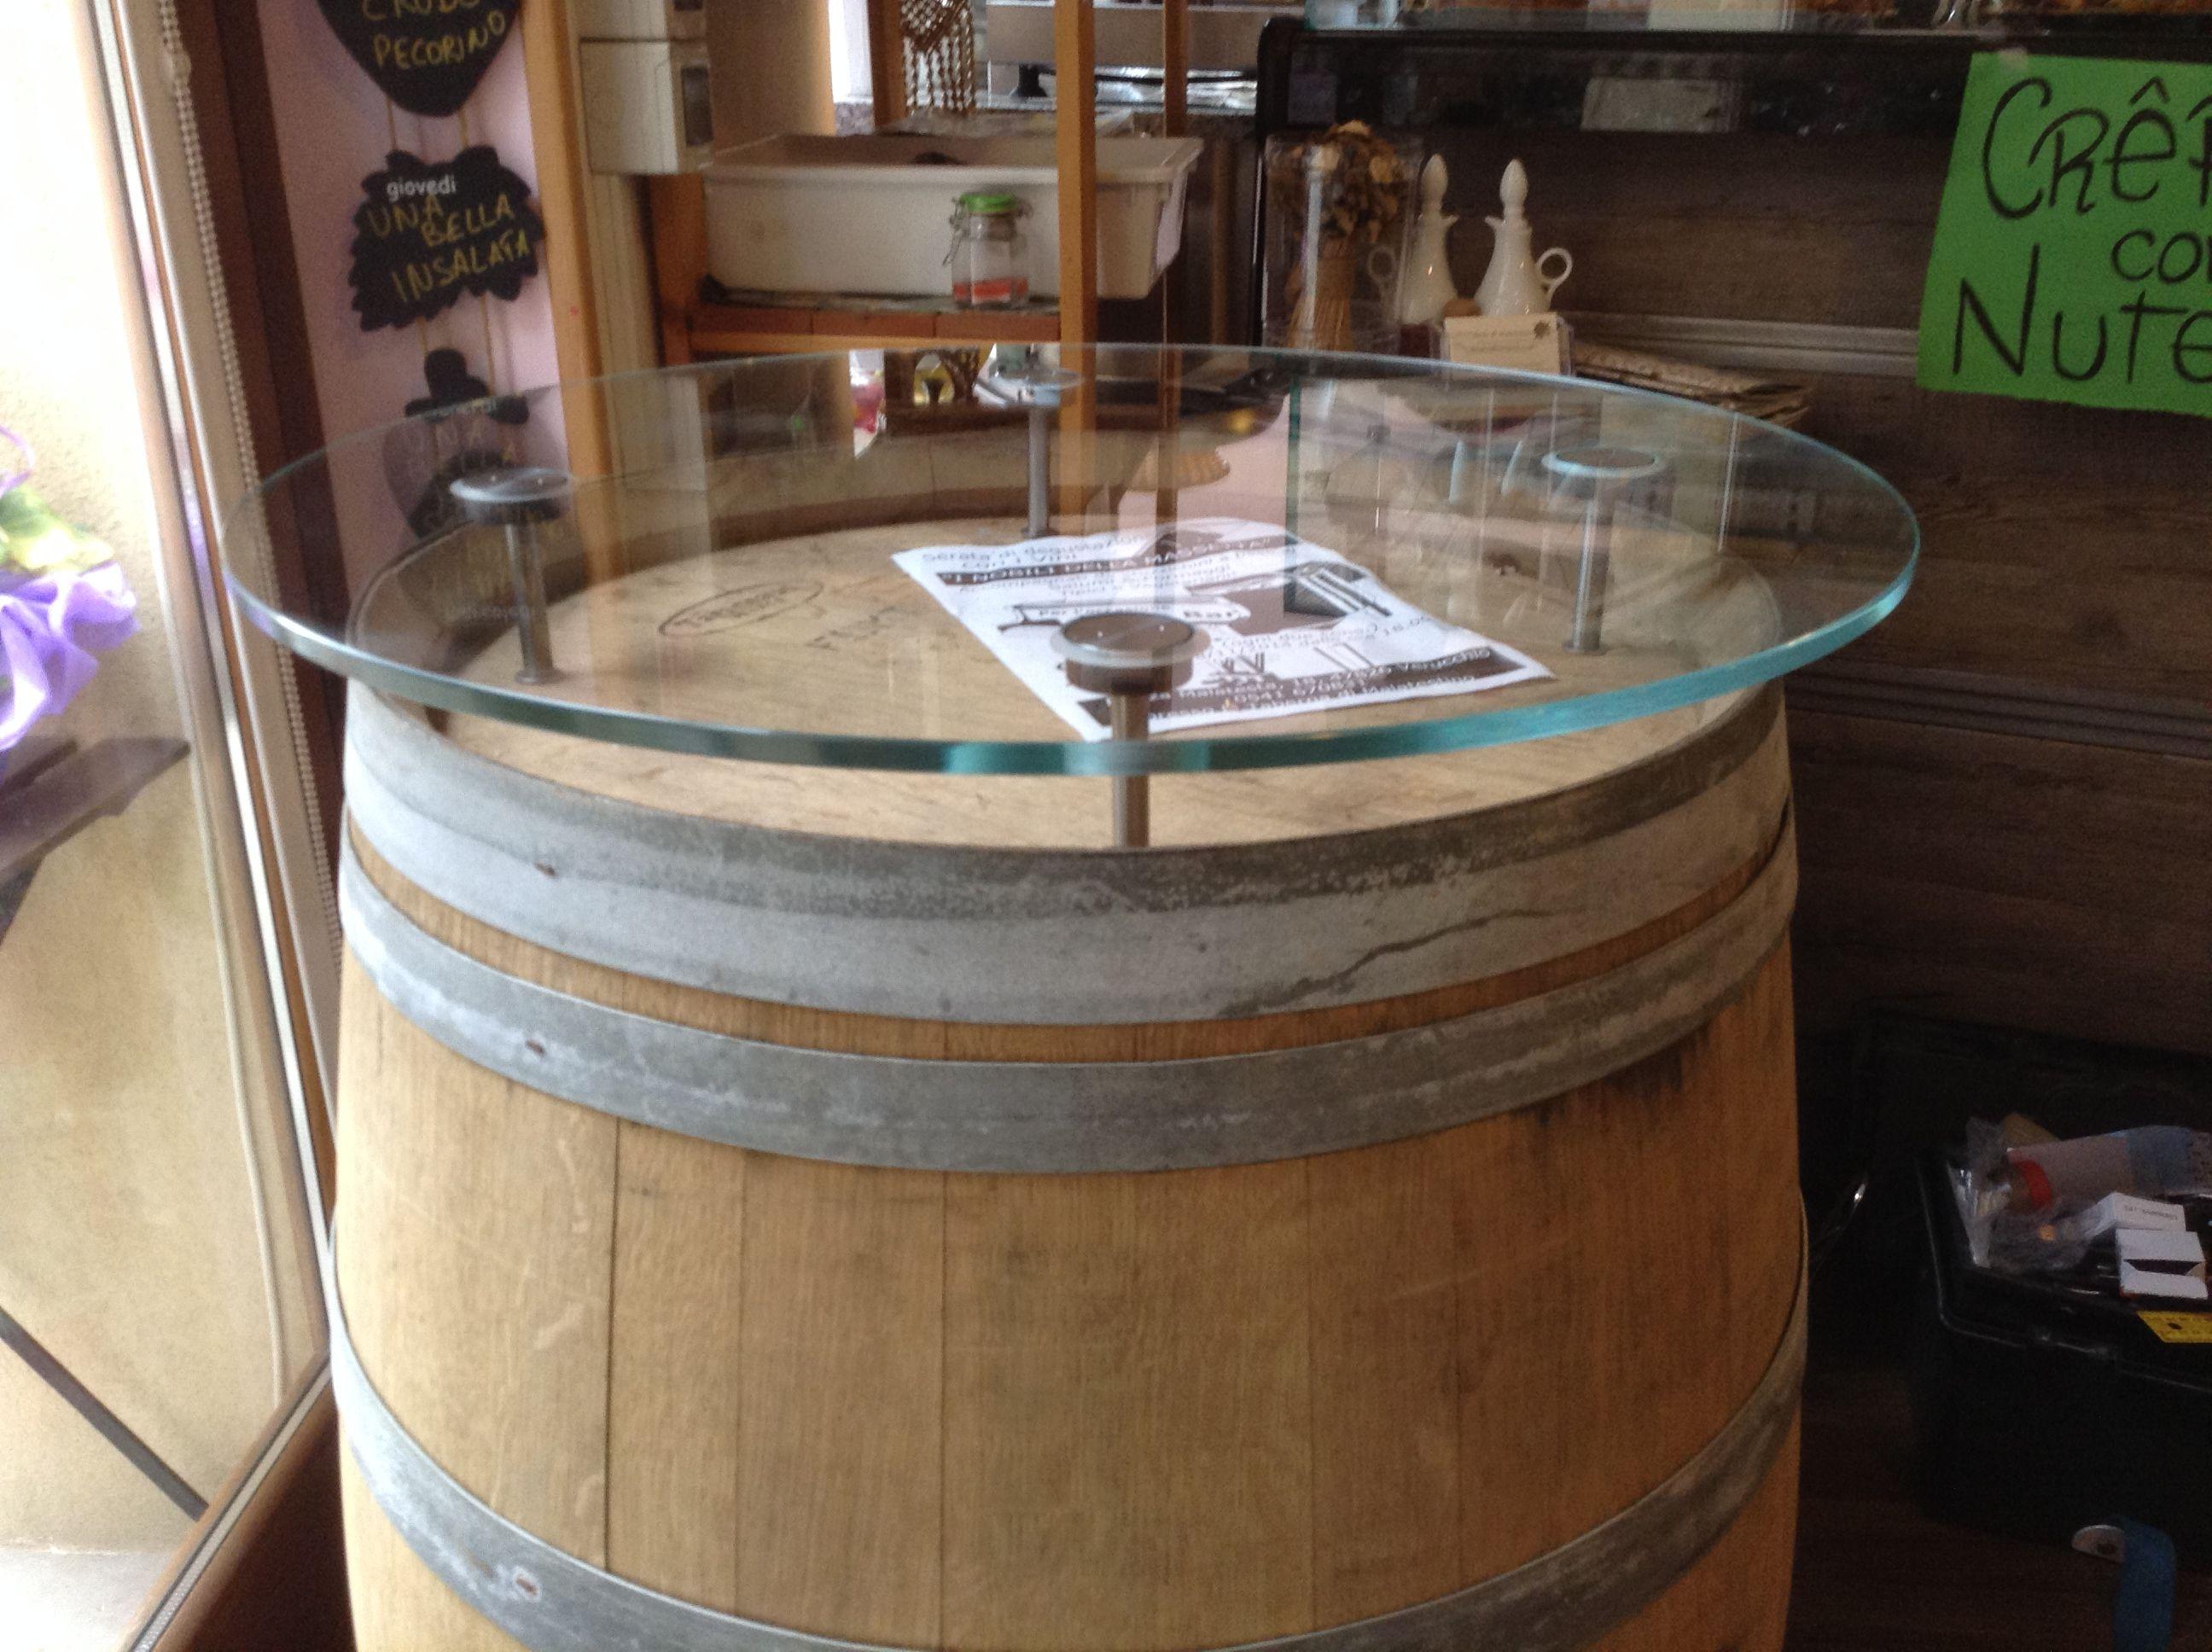 Botte tavolo ~ Tavolo in vetro su botte verucchio rimini vetri per tavoli